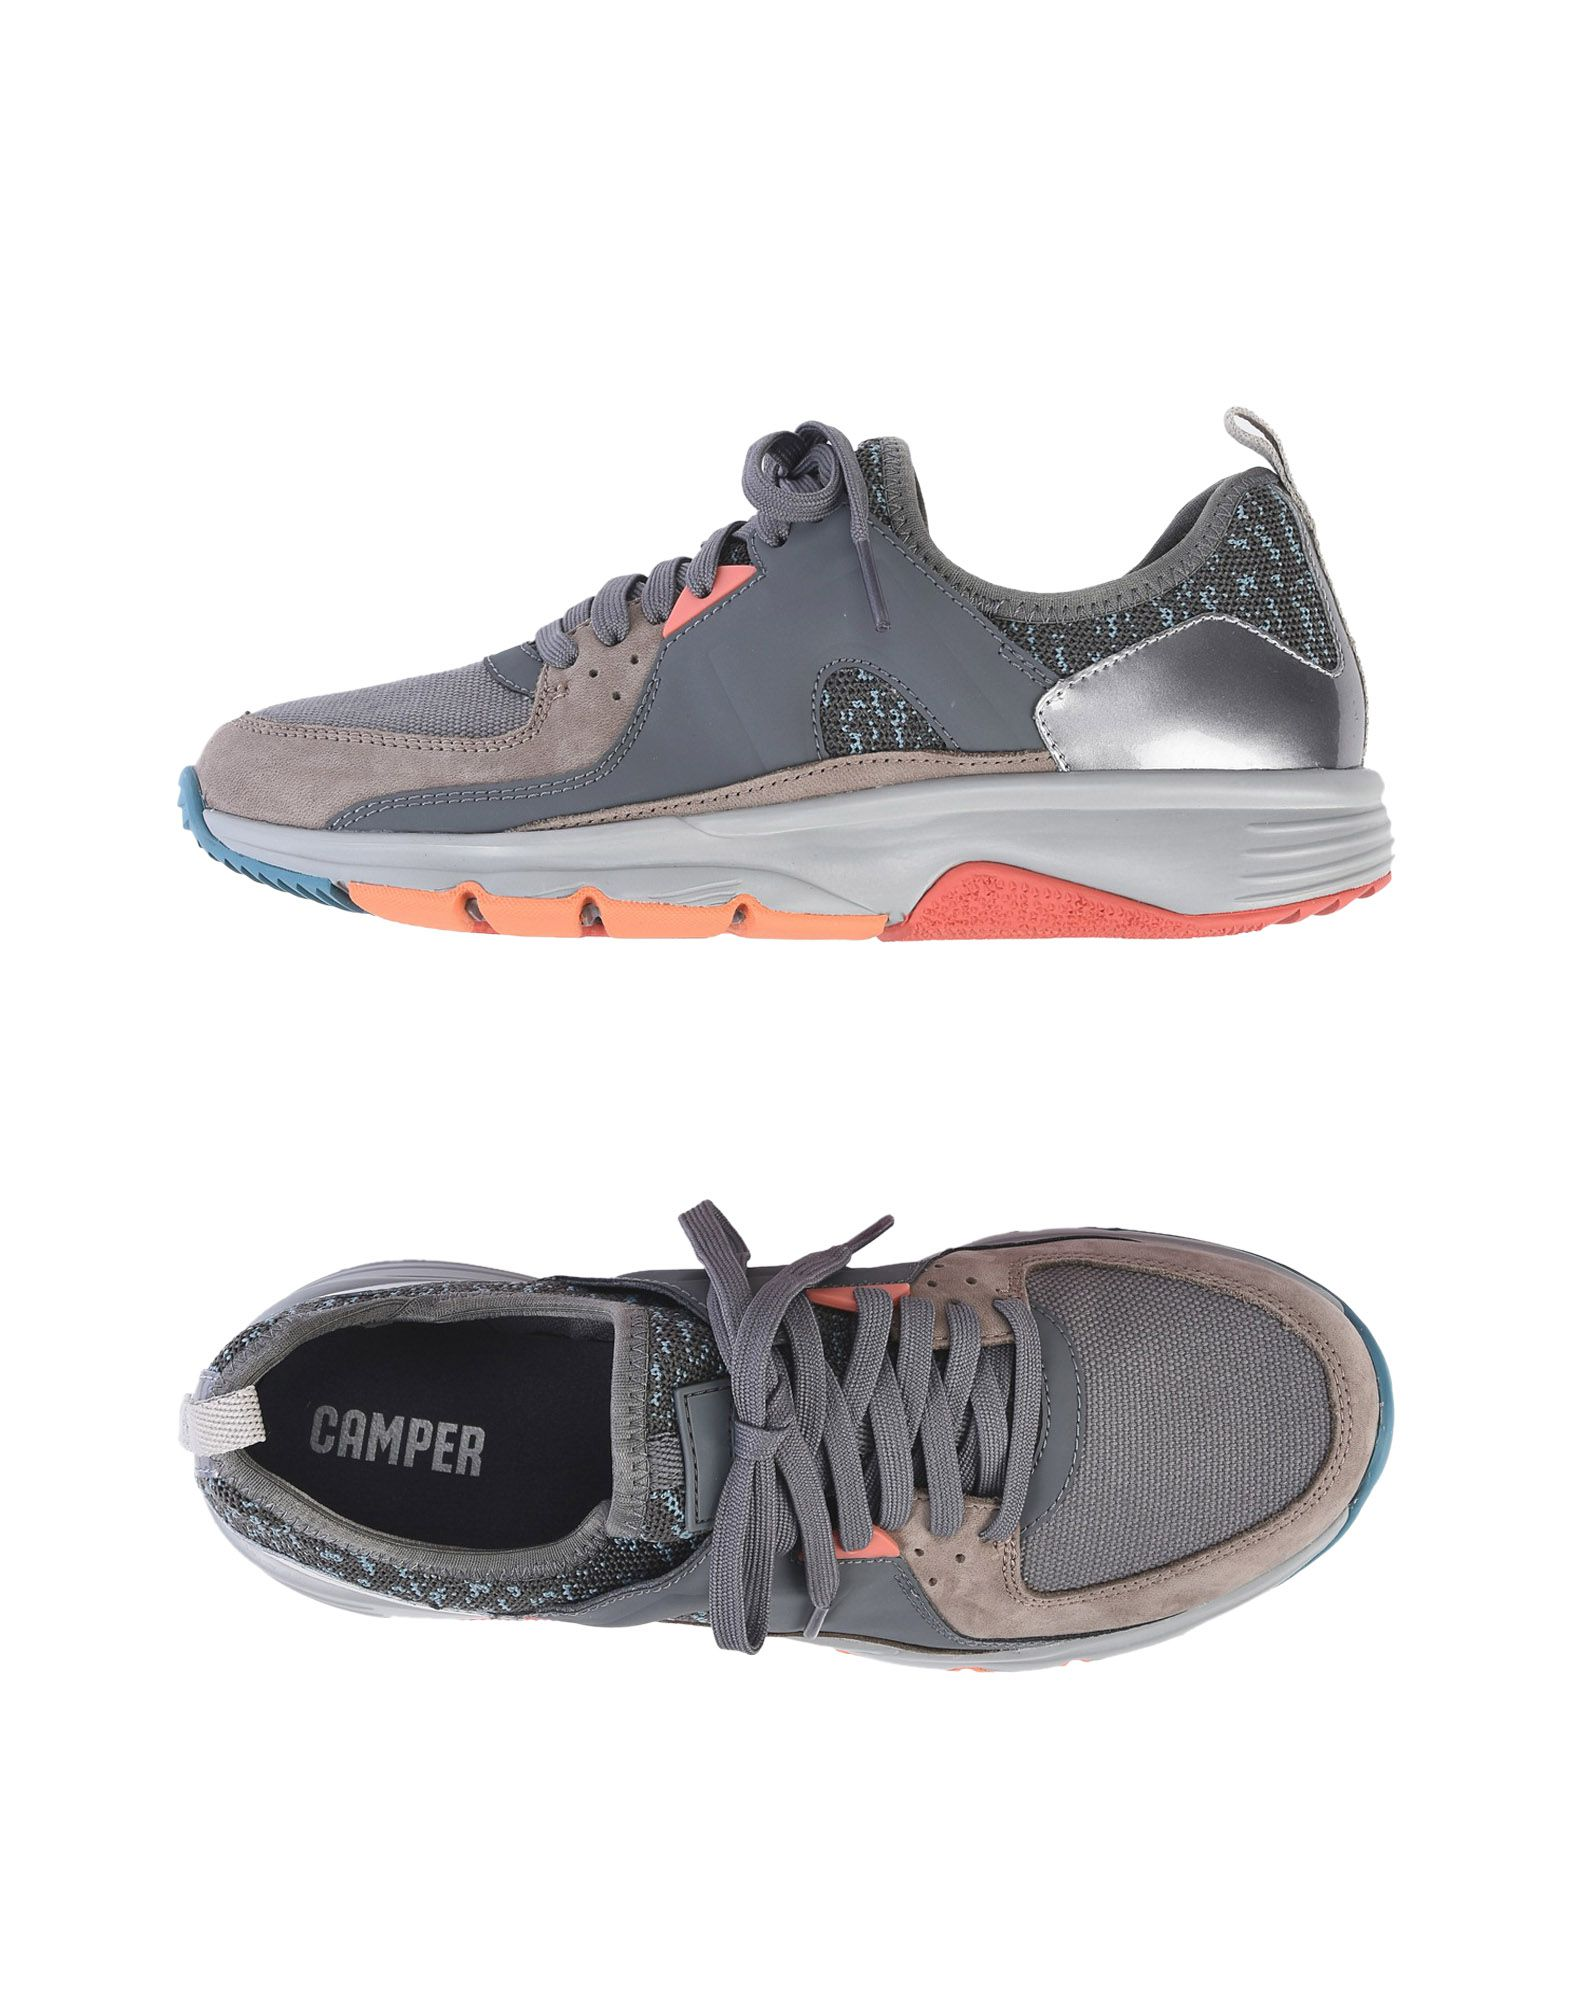 Zapatillas Camper Drift - Mujer - Zapatillas Camper  Gris Gris  ebbe74